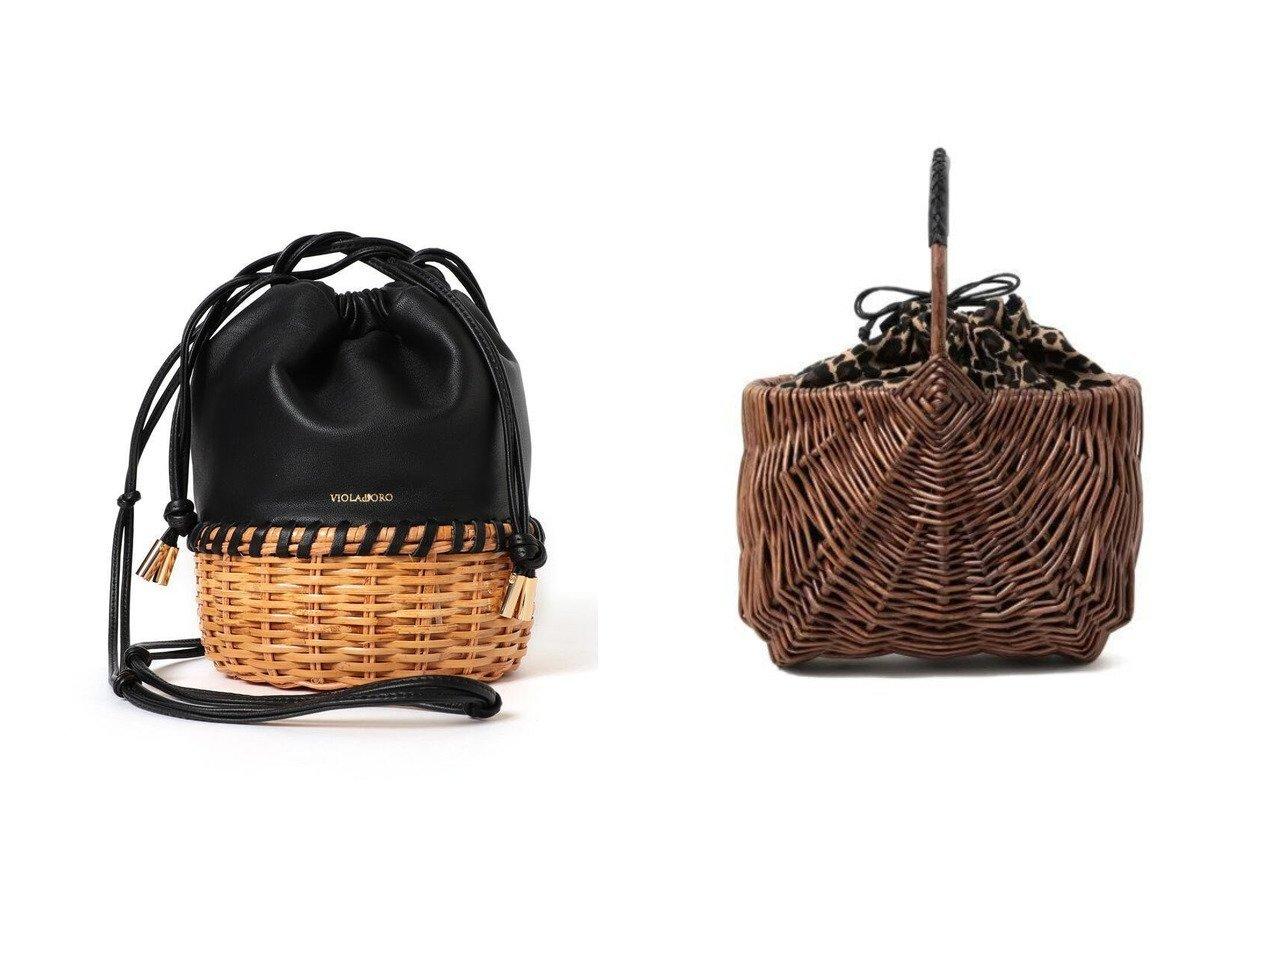 【Demi-Luxe BEAMS/デミルクス ビームス】の別注 リバーシブル ヤナギかごバッグ&レザーラタン バケツバッグ 【バッグ・鞄】おすすめ!人気、トレンド・レディースファッションの通販 おすすめで人気の流行・トレンド、ファッションの通販商品 メンズファッション・キッズファッション・インテリア・家具・レディースファッション・服の通販 founy(ファニー) https://founy.com/ ファッション Fashion レディースファッション WOMEN バッグ Bag S/S・春夏 SS・Spring/Summer イタリア エレガント バケツ 再入荷 Restock/Back in Stock/Re Arrival 巾着 春 Spring おすすめ Recommend アンティーク フォルム リゾート リバーシブル レオパード 別注  ID:crp329100000035518